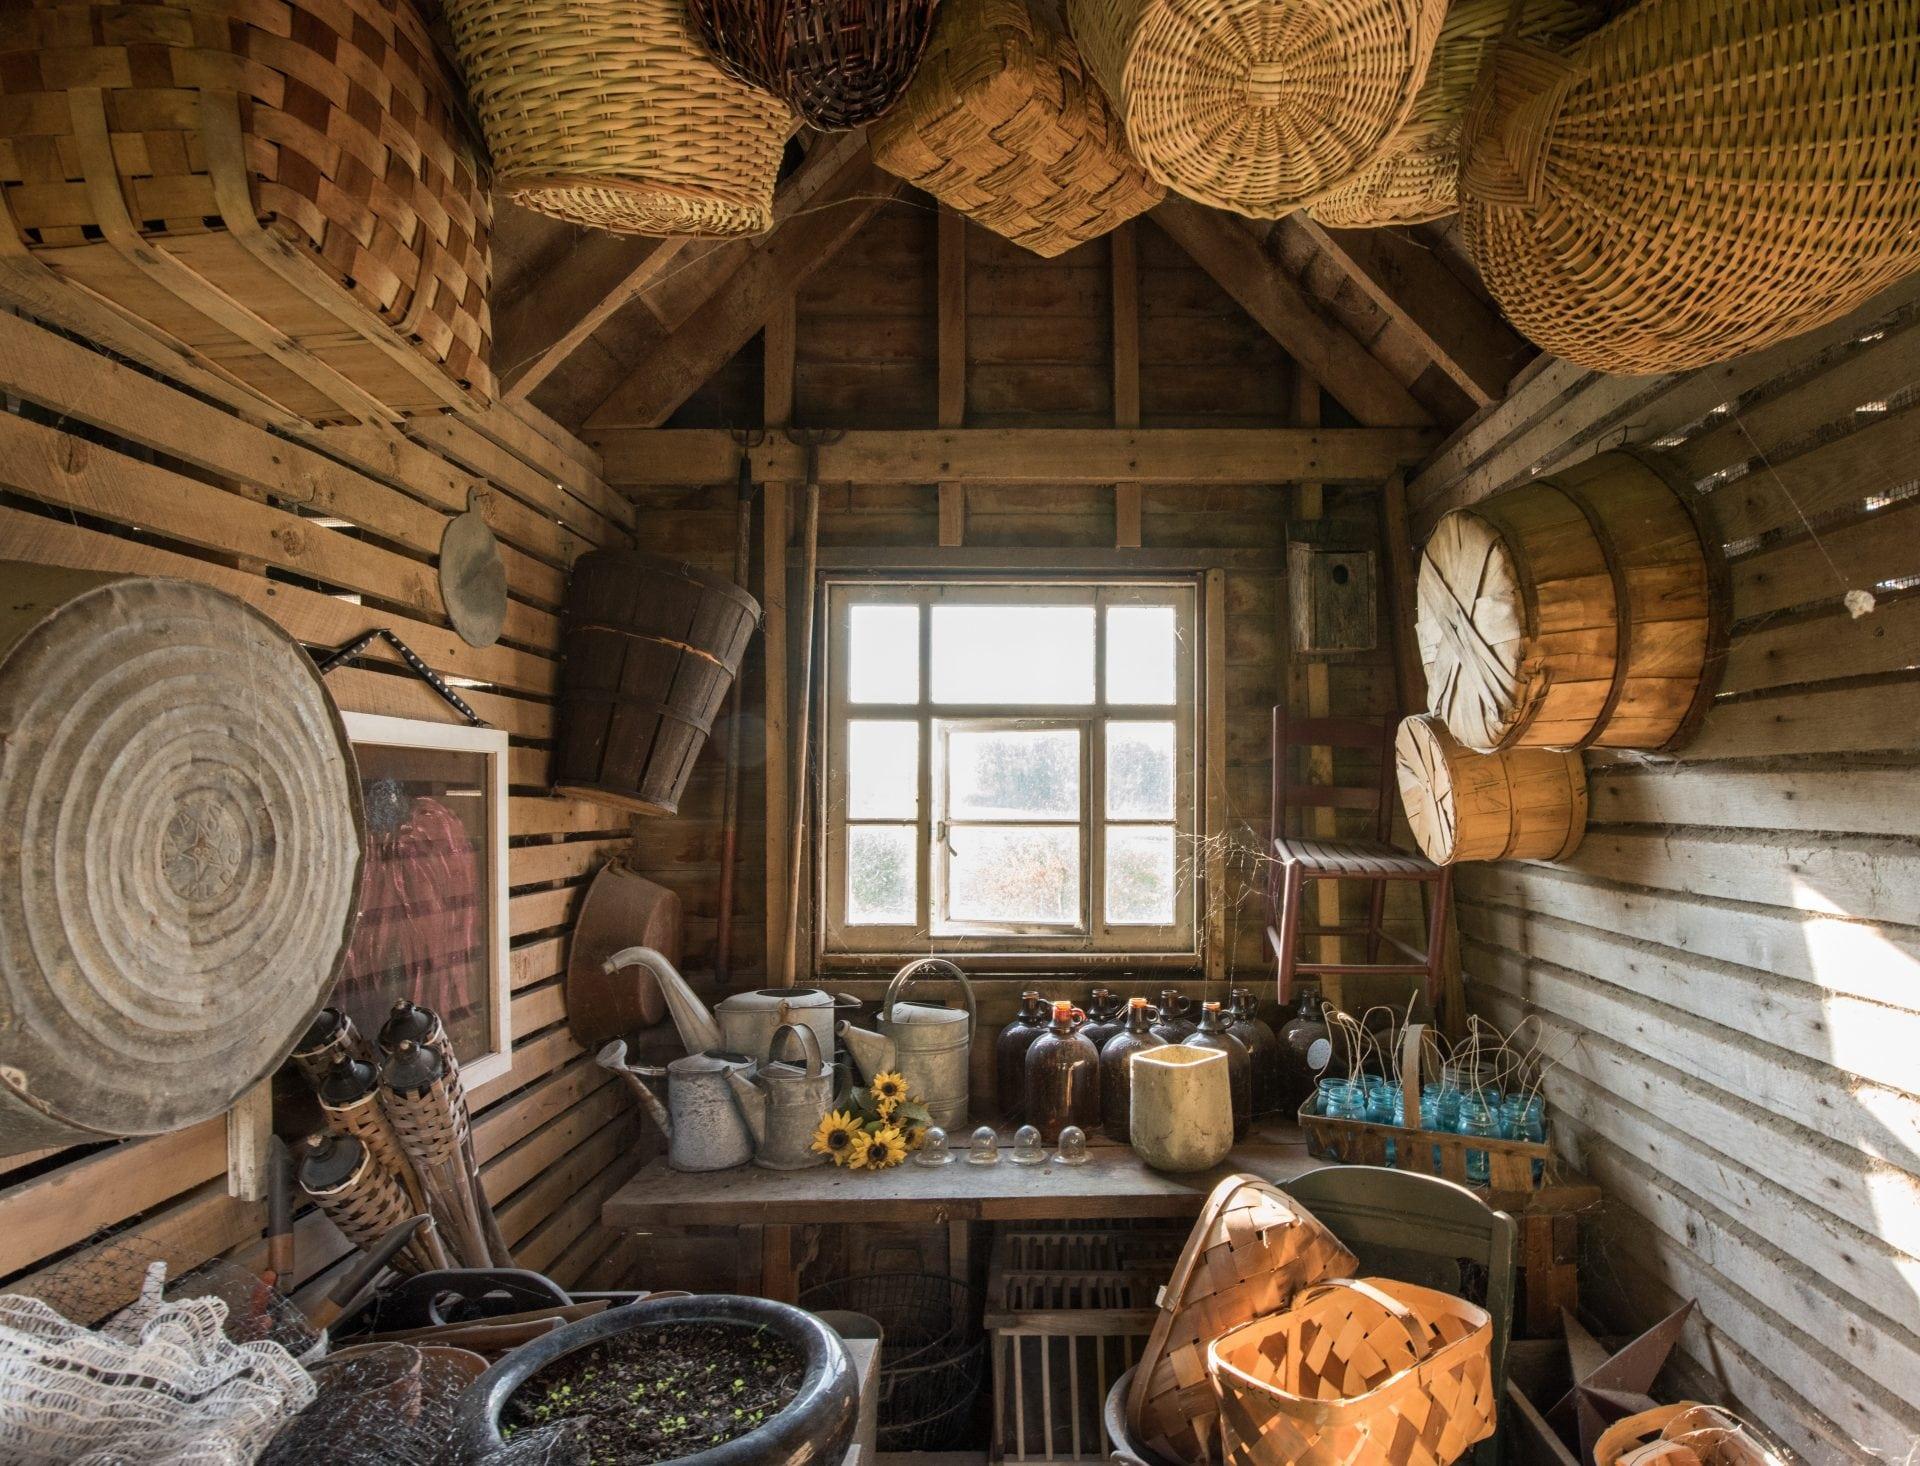 drevený záhradný dom s prútenými košíkmi a oknom